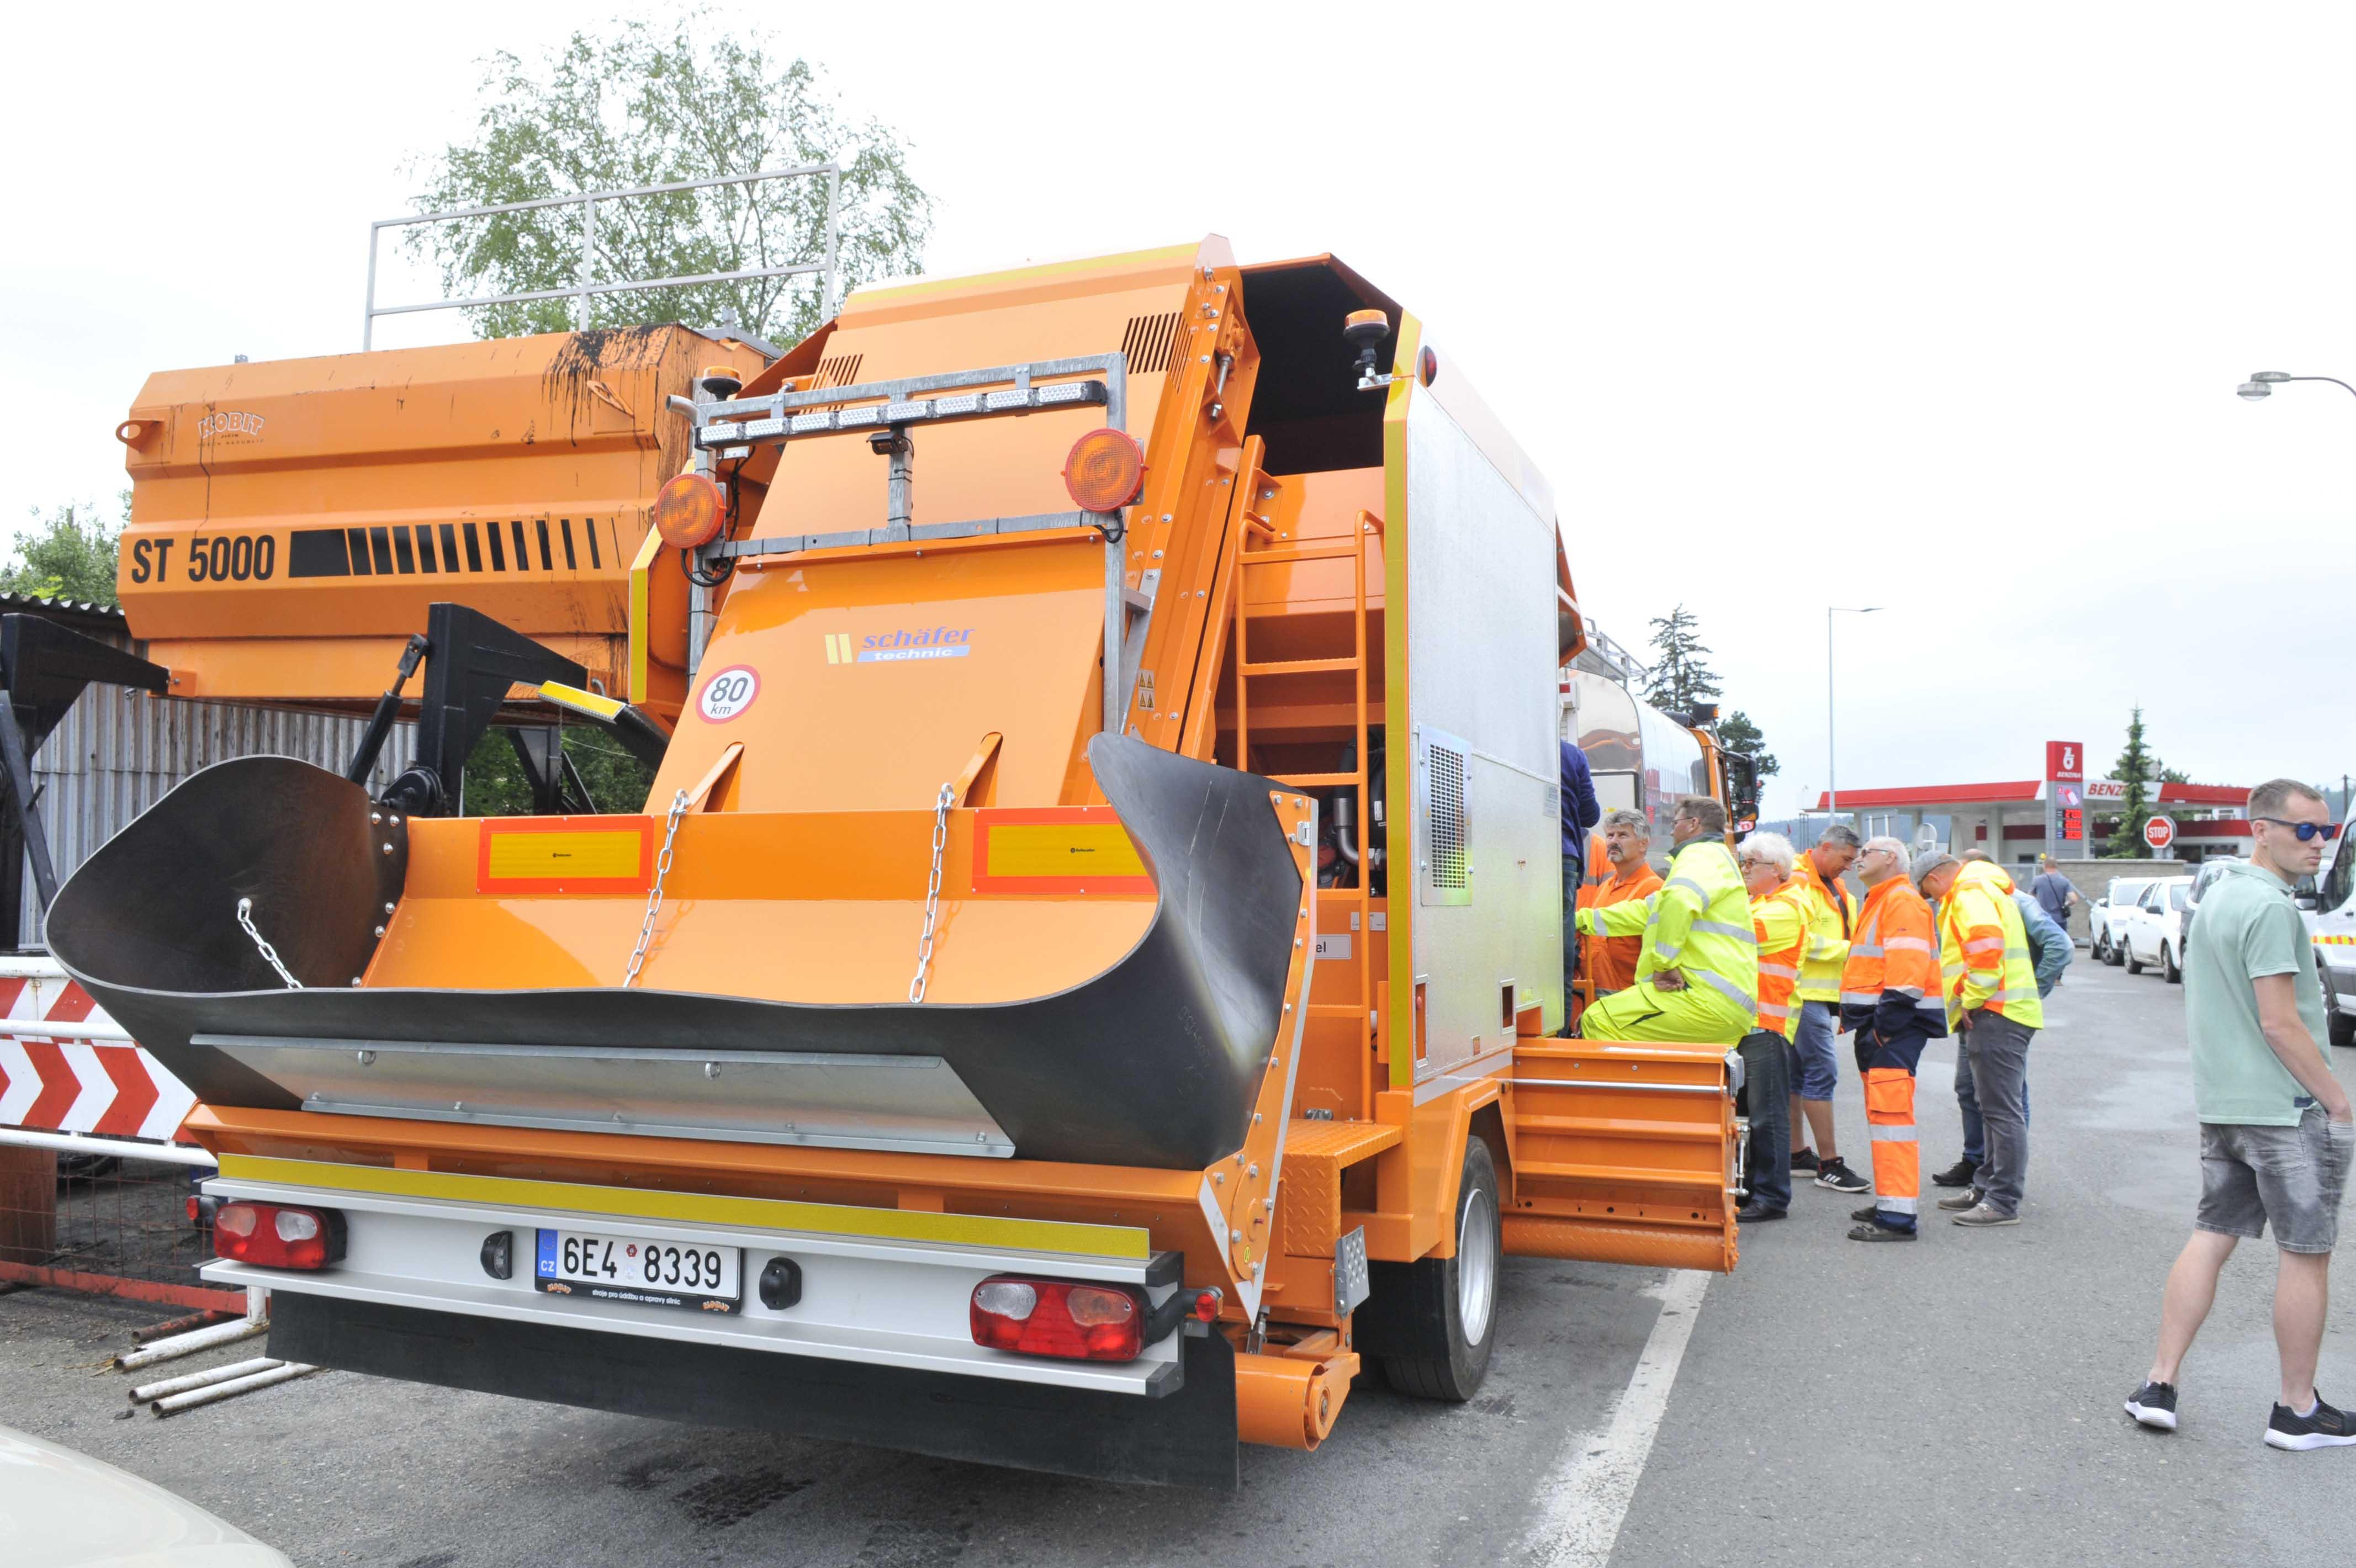 Souprava na míru zrychlí a zlevní opravy silnic